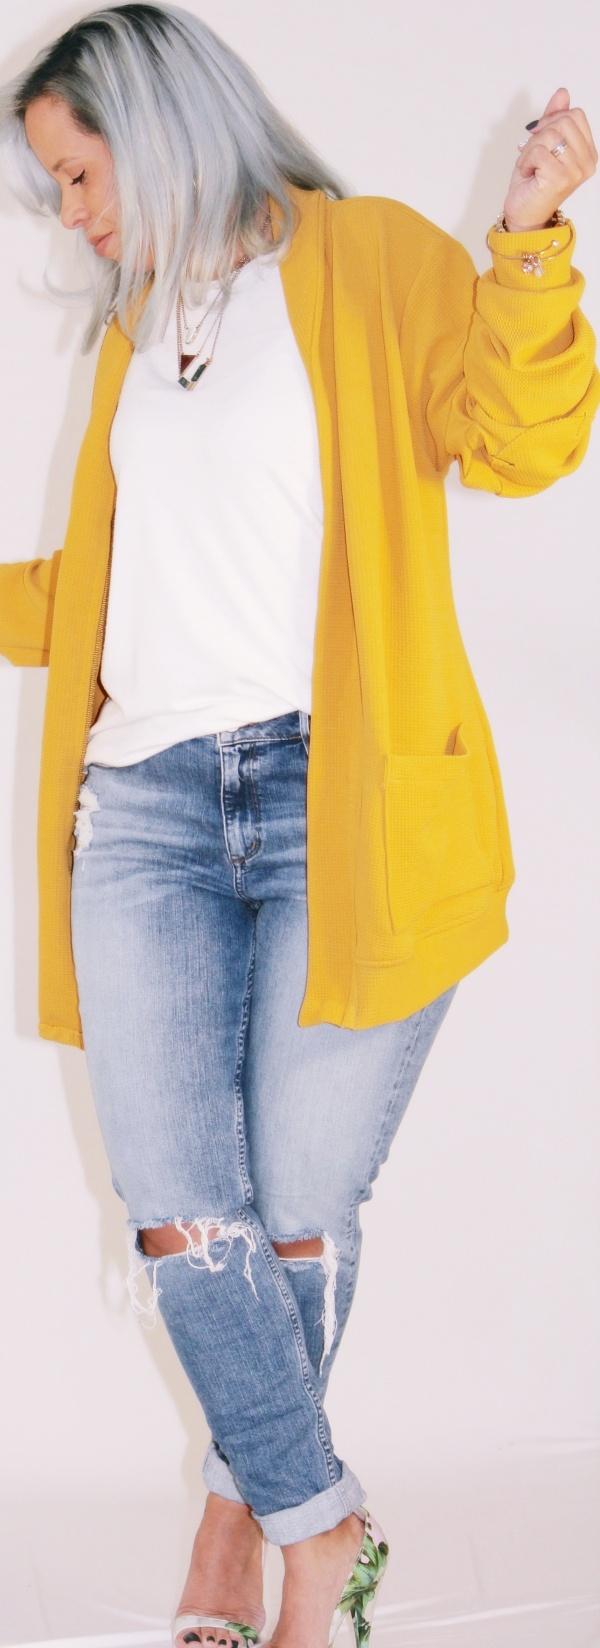 yellowsweaterIMG_4592